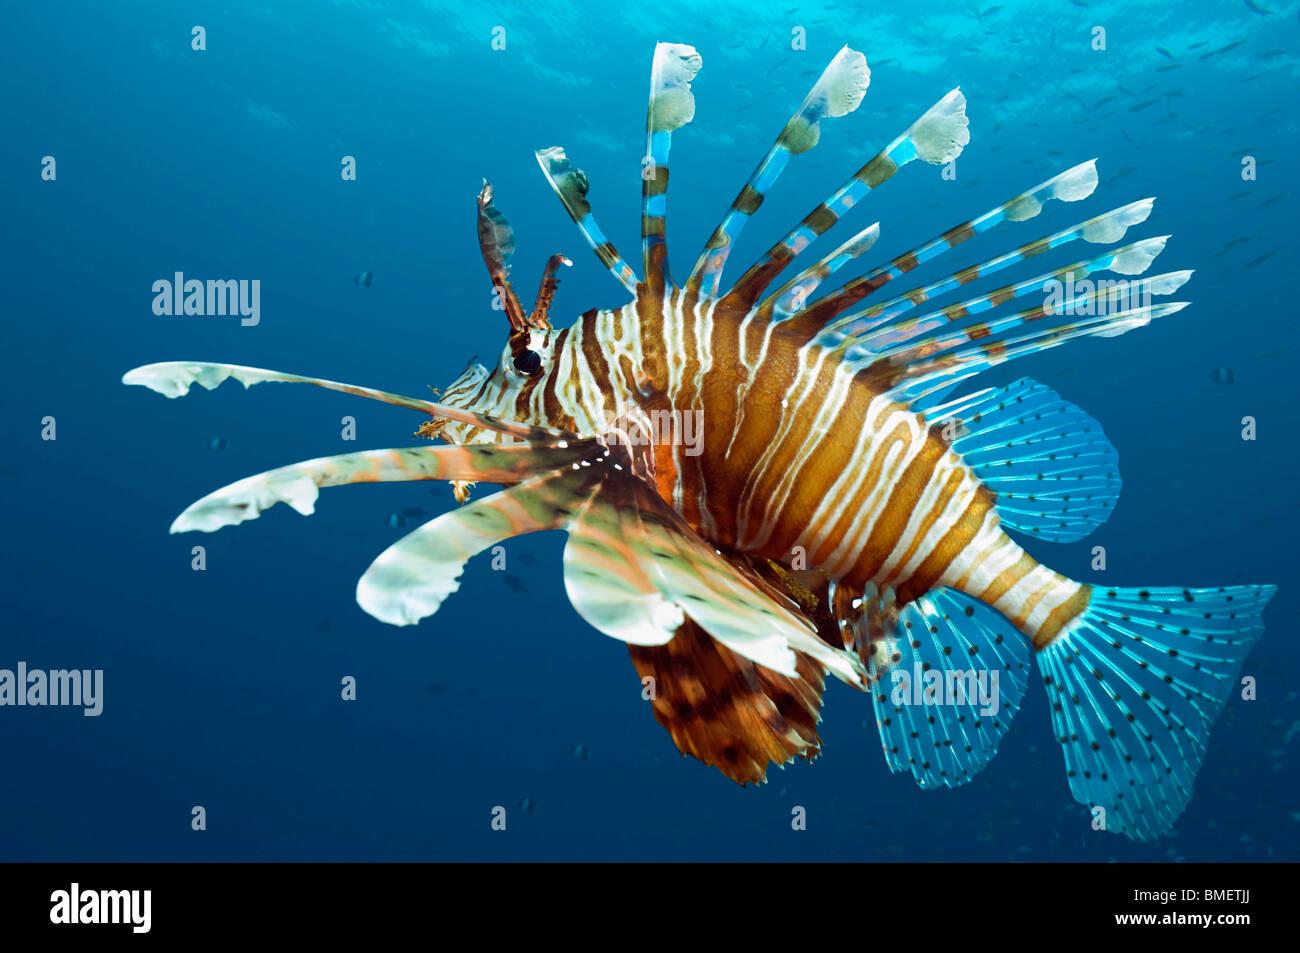 El pez león. Egipto, el Mar Rojo. Imagen De Stock